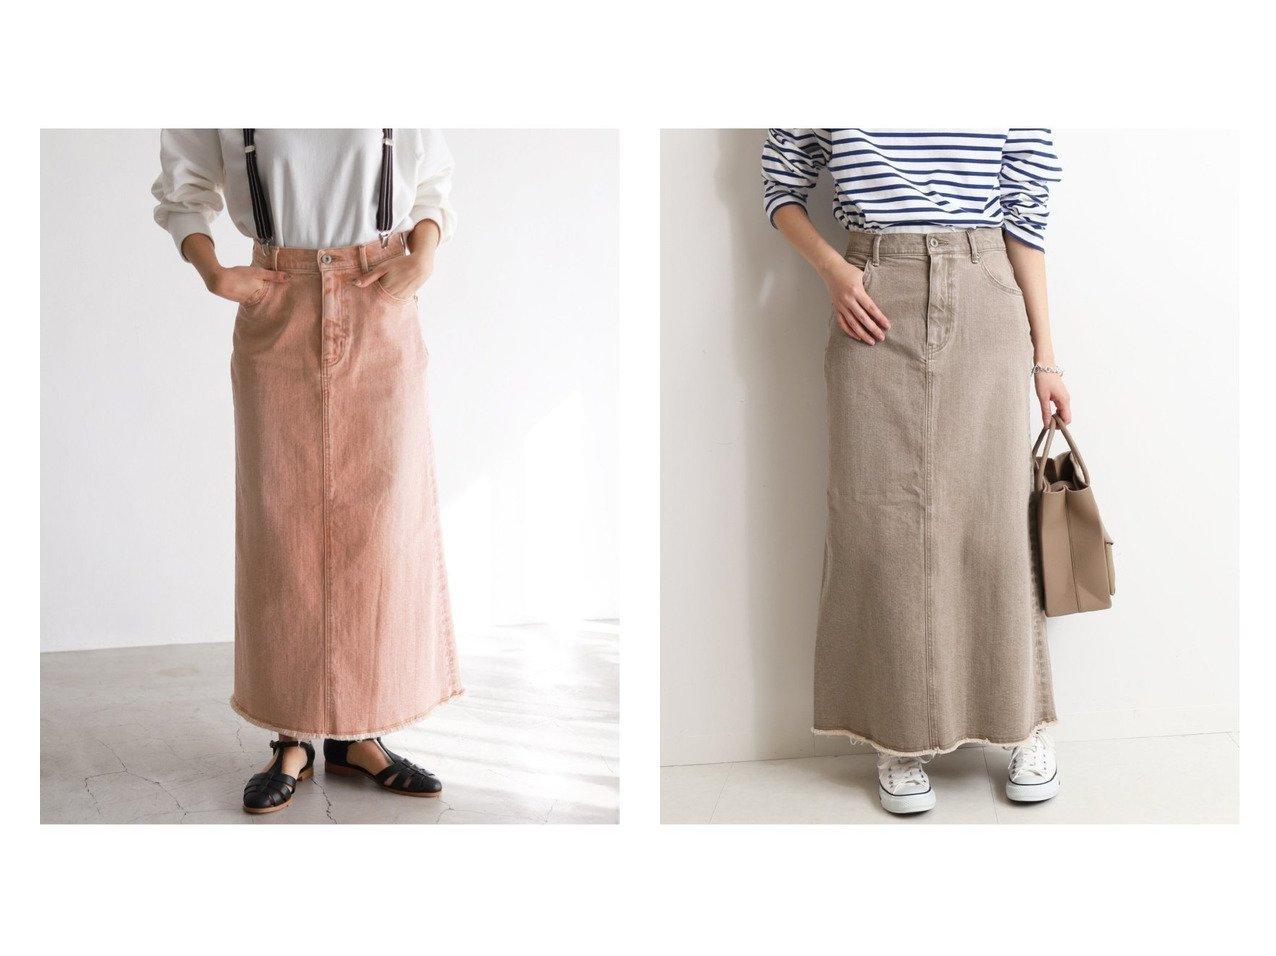 【SLOBE IENA/スローブ イエナ】のLE DENIM×MARITAS カラーマーメイドスカート 【スカート】おすすめ!人気、トレンド・レディースファッションの通販 おすすめで人気の流行・トレンド、ファッションの通販商品 メンズファッション・キッズファッション・インテリア・家具・レディースファッション・服の通販 founy(ファニー) https://founy.com/ ファッション Fashion レディースファッション WOMEN スカート Skirt デニムスカート Denim Skirts NEW・新作・新着・新入荷 New Arrivals 2021年 2021 2021春夏・S/S SS/Spring/Summer/2021 S/S・春夏 SS・Spring/Summer デニム |ID:crp329100000028453